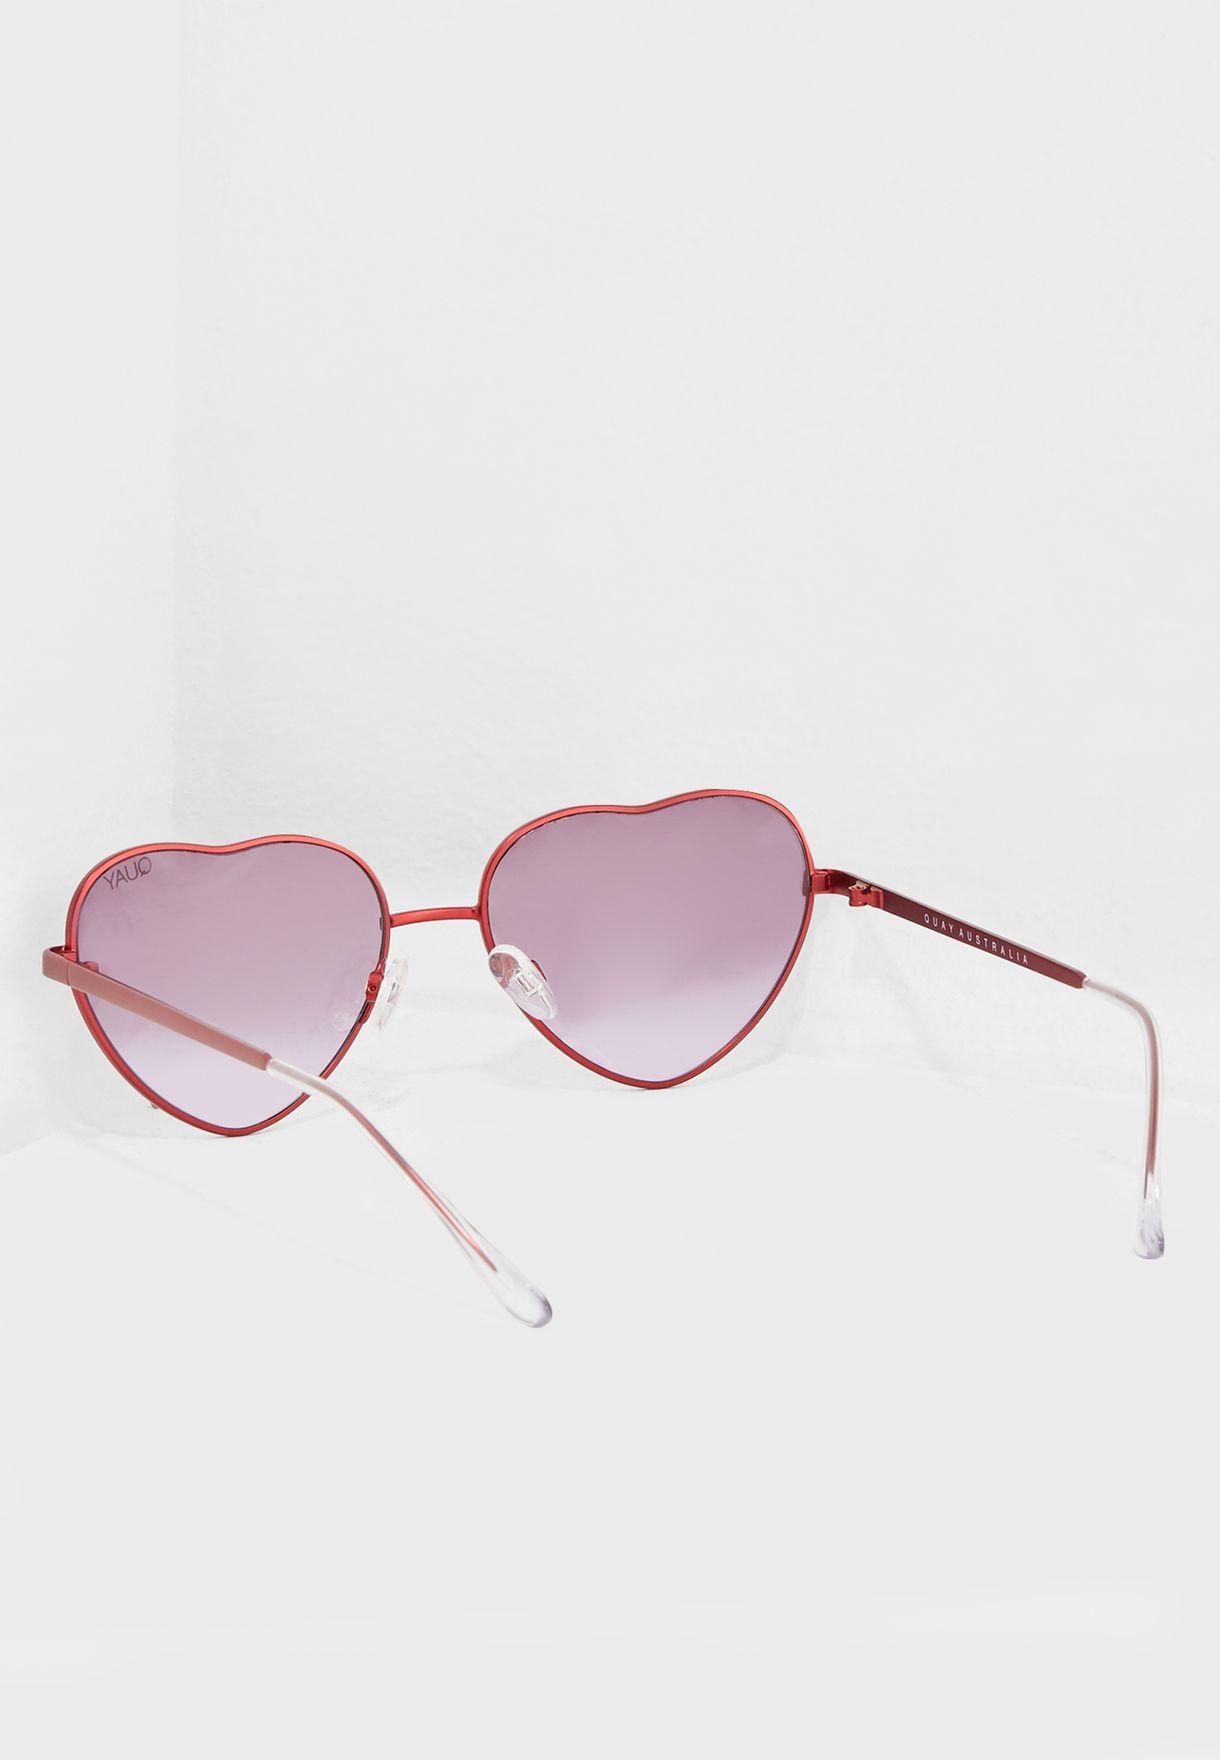 نظارات شمسية بشكل قلب من مجموعة إيلا فيرجسون